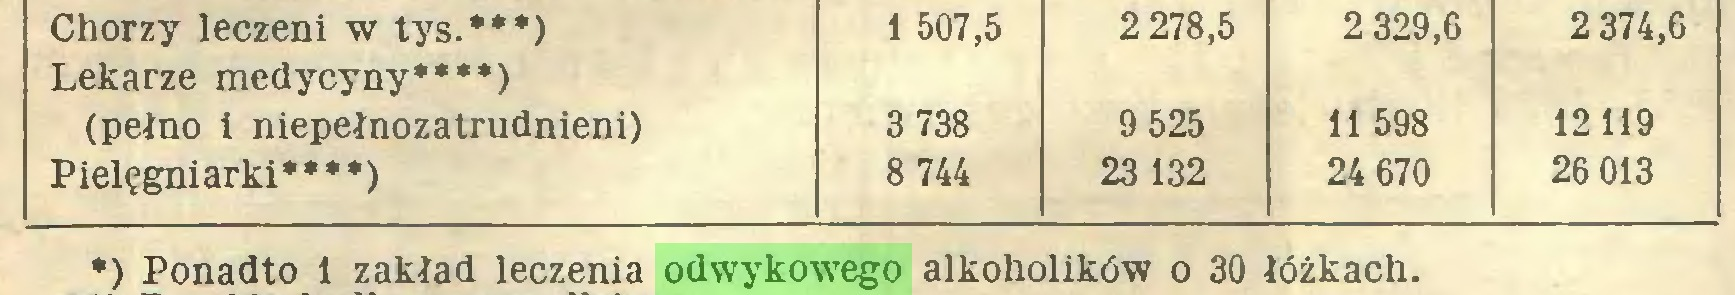 (...) Chorzy leczeni w tys.***) Lekarze medycyny****) 1 507,5 2 278,5 2 329,6 2 374,6 (pełno i niepełnozatrudnieni) 3 738 9 525 11 598 12119 Pielęgniarki****) 8 744 23 132 24 670 26 013 *) Ponadto 1 zakład leczenia odwykowego alkoholików o 30 łóżkach...